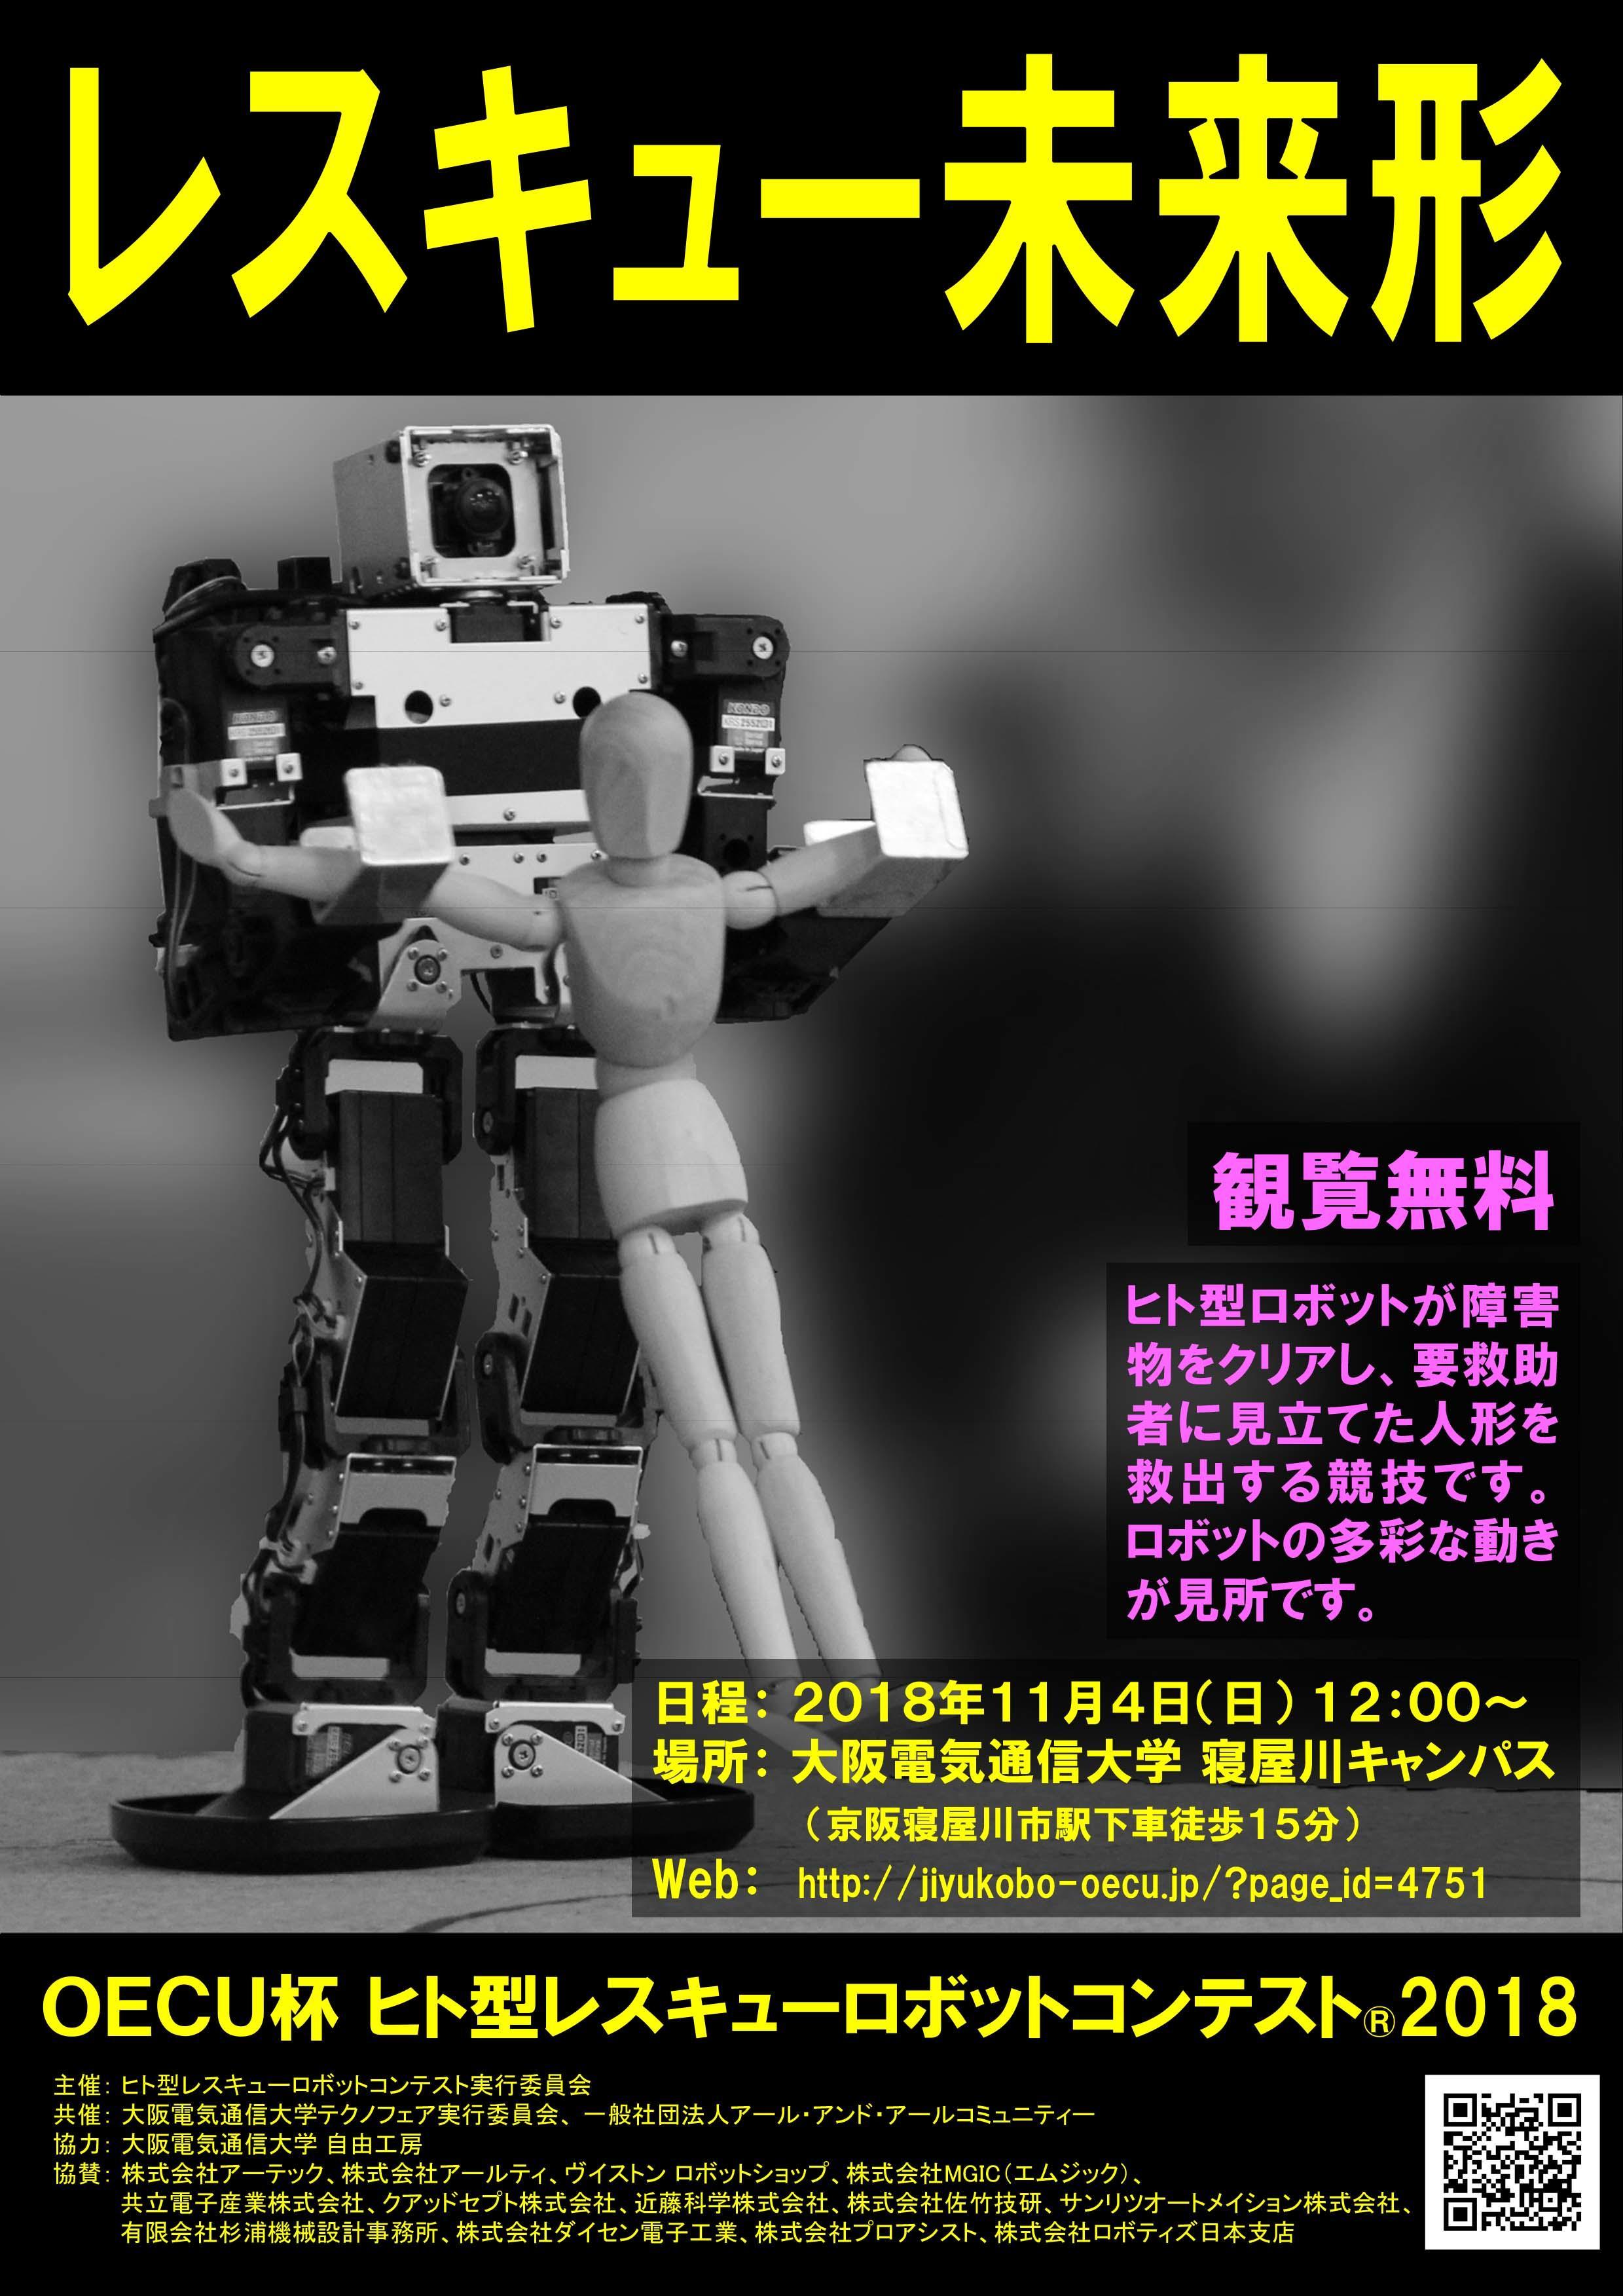 大阪電気通信大学で11月4日に「OECU杯 ヒト型レスキューロボットコンテスト 2018」を開催